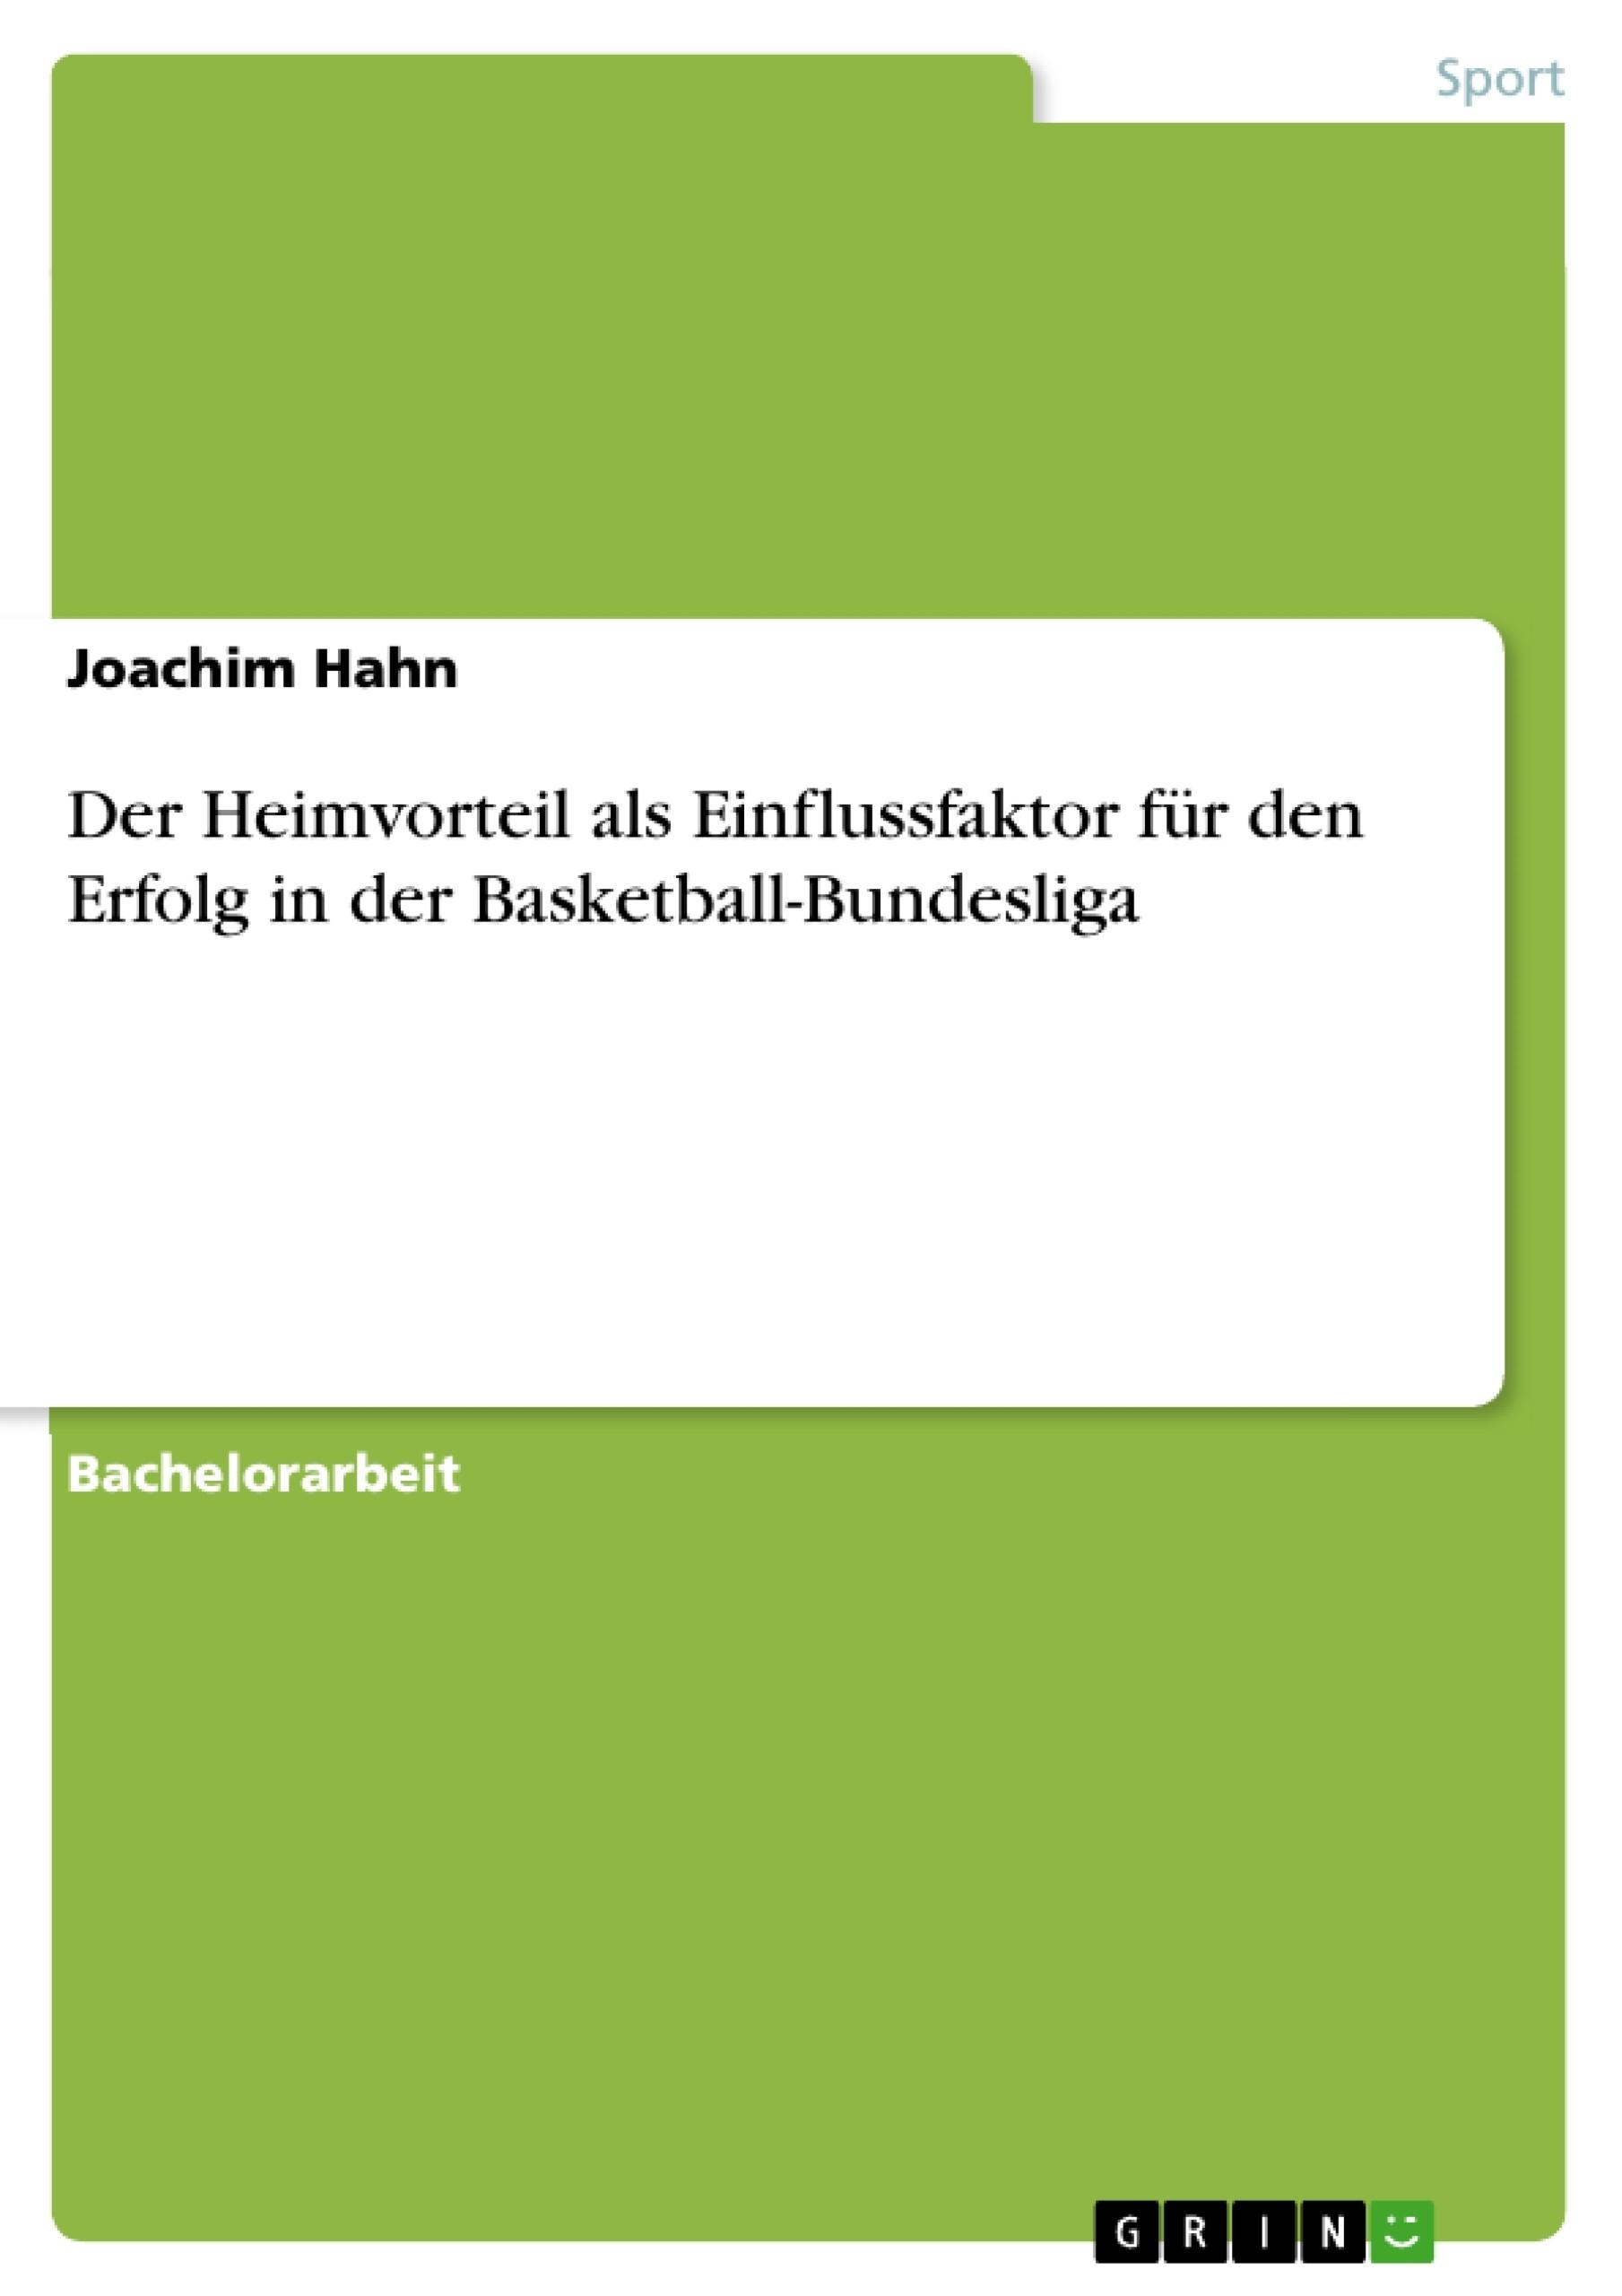 Titel: Der Heimvorteil als Einflussfaktor für den Erfolg in der Basketball-Bundesliga